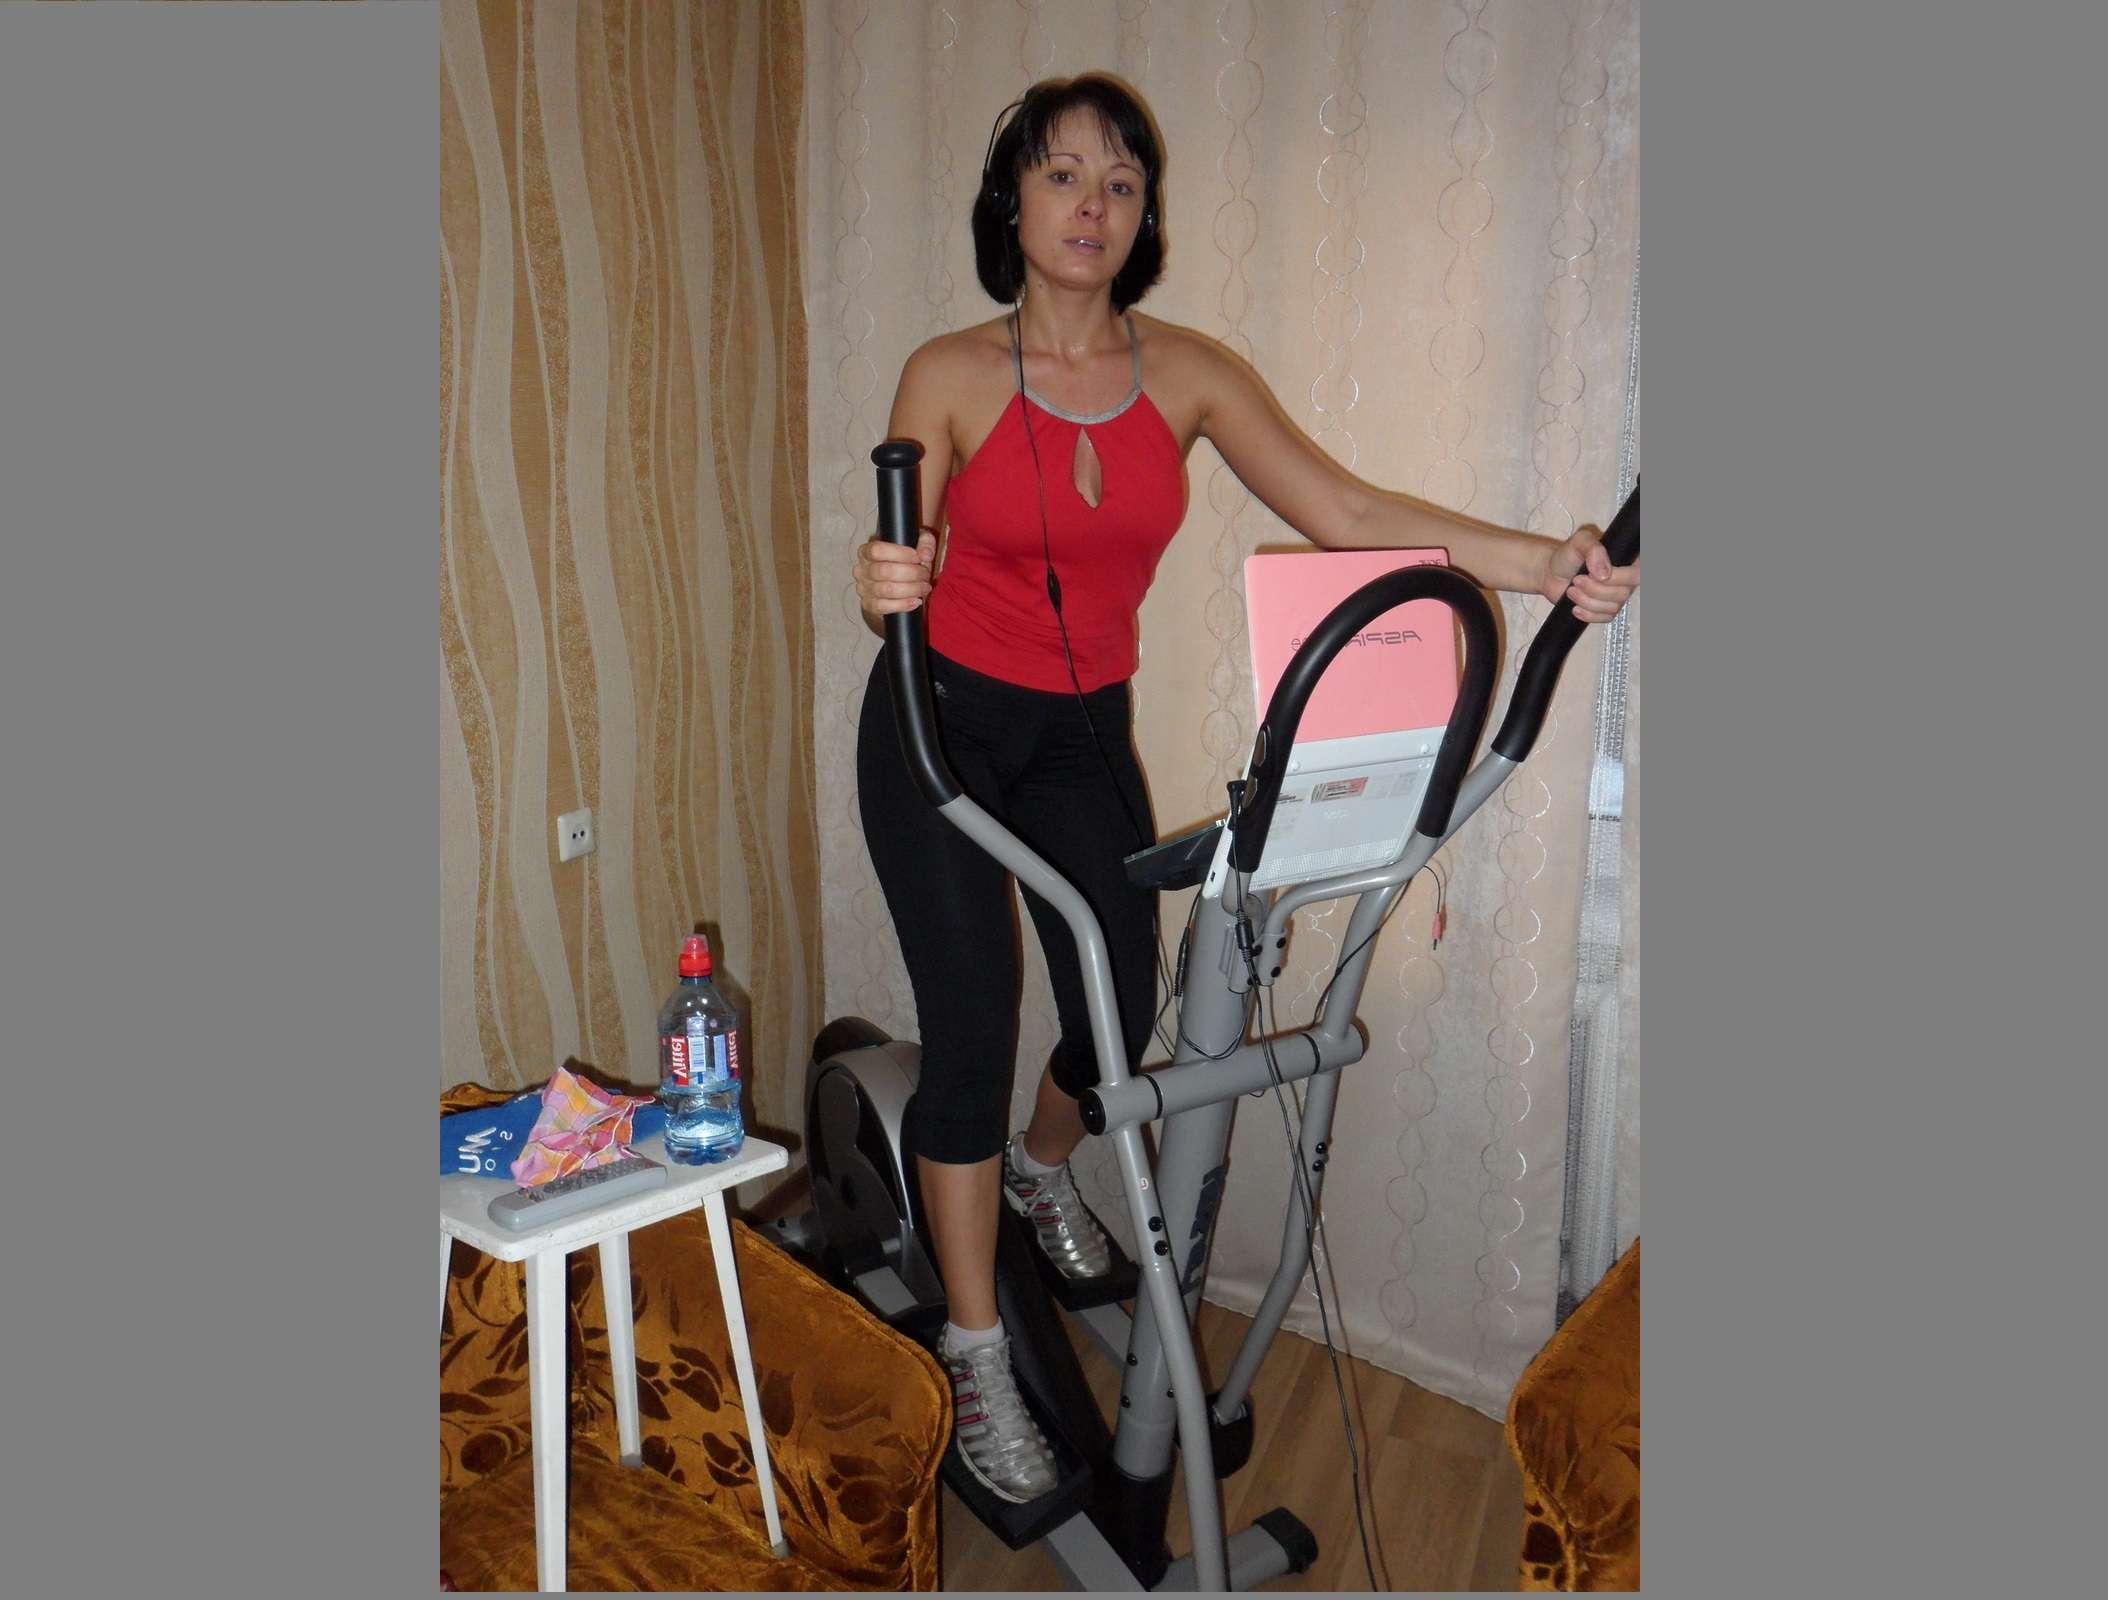 Похудеют ноги с помощью велотренажер